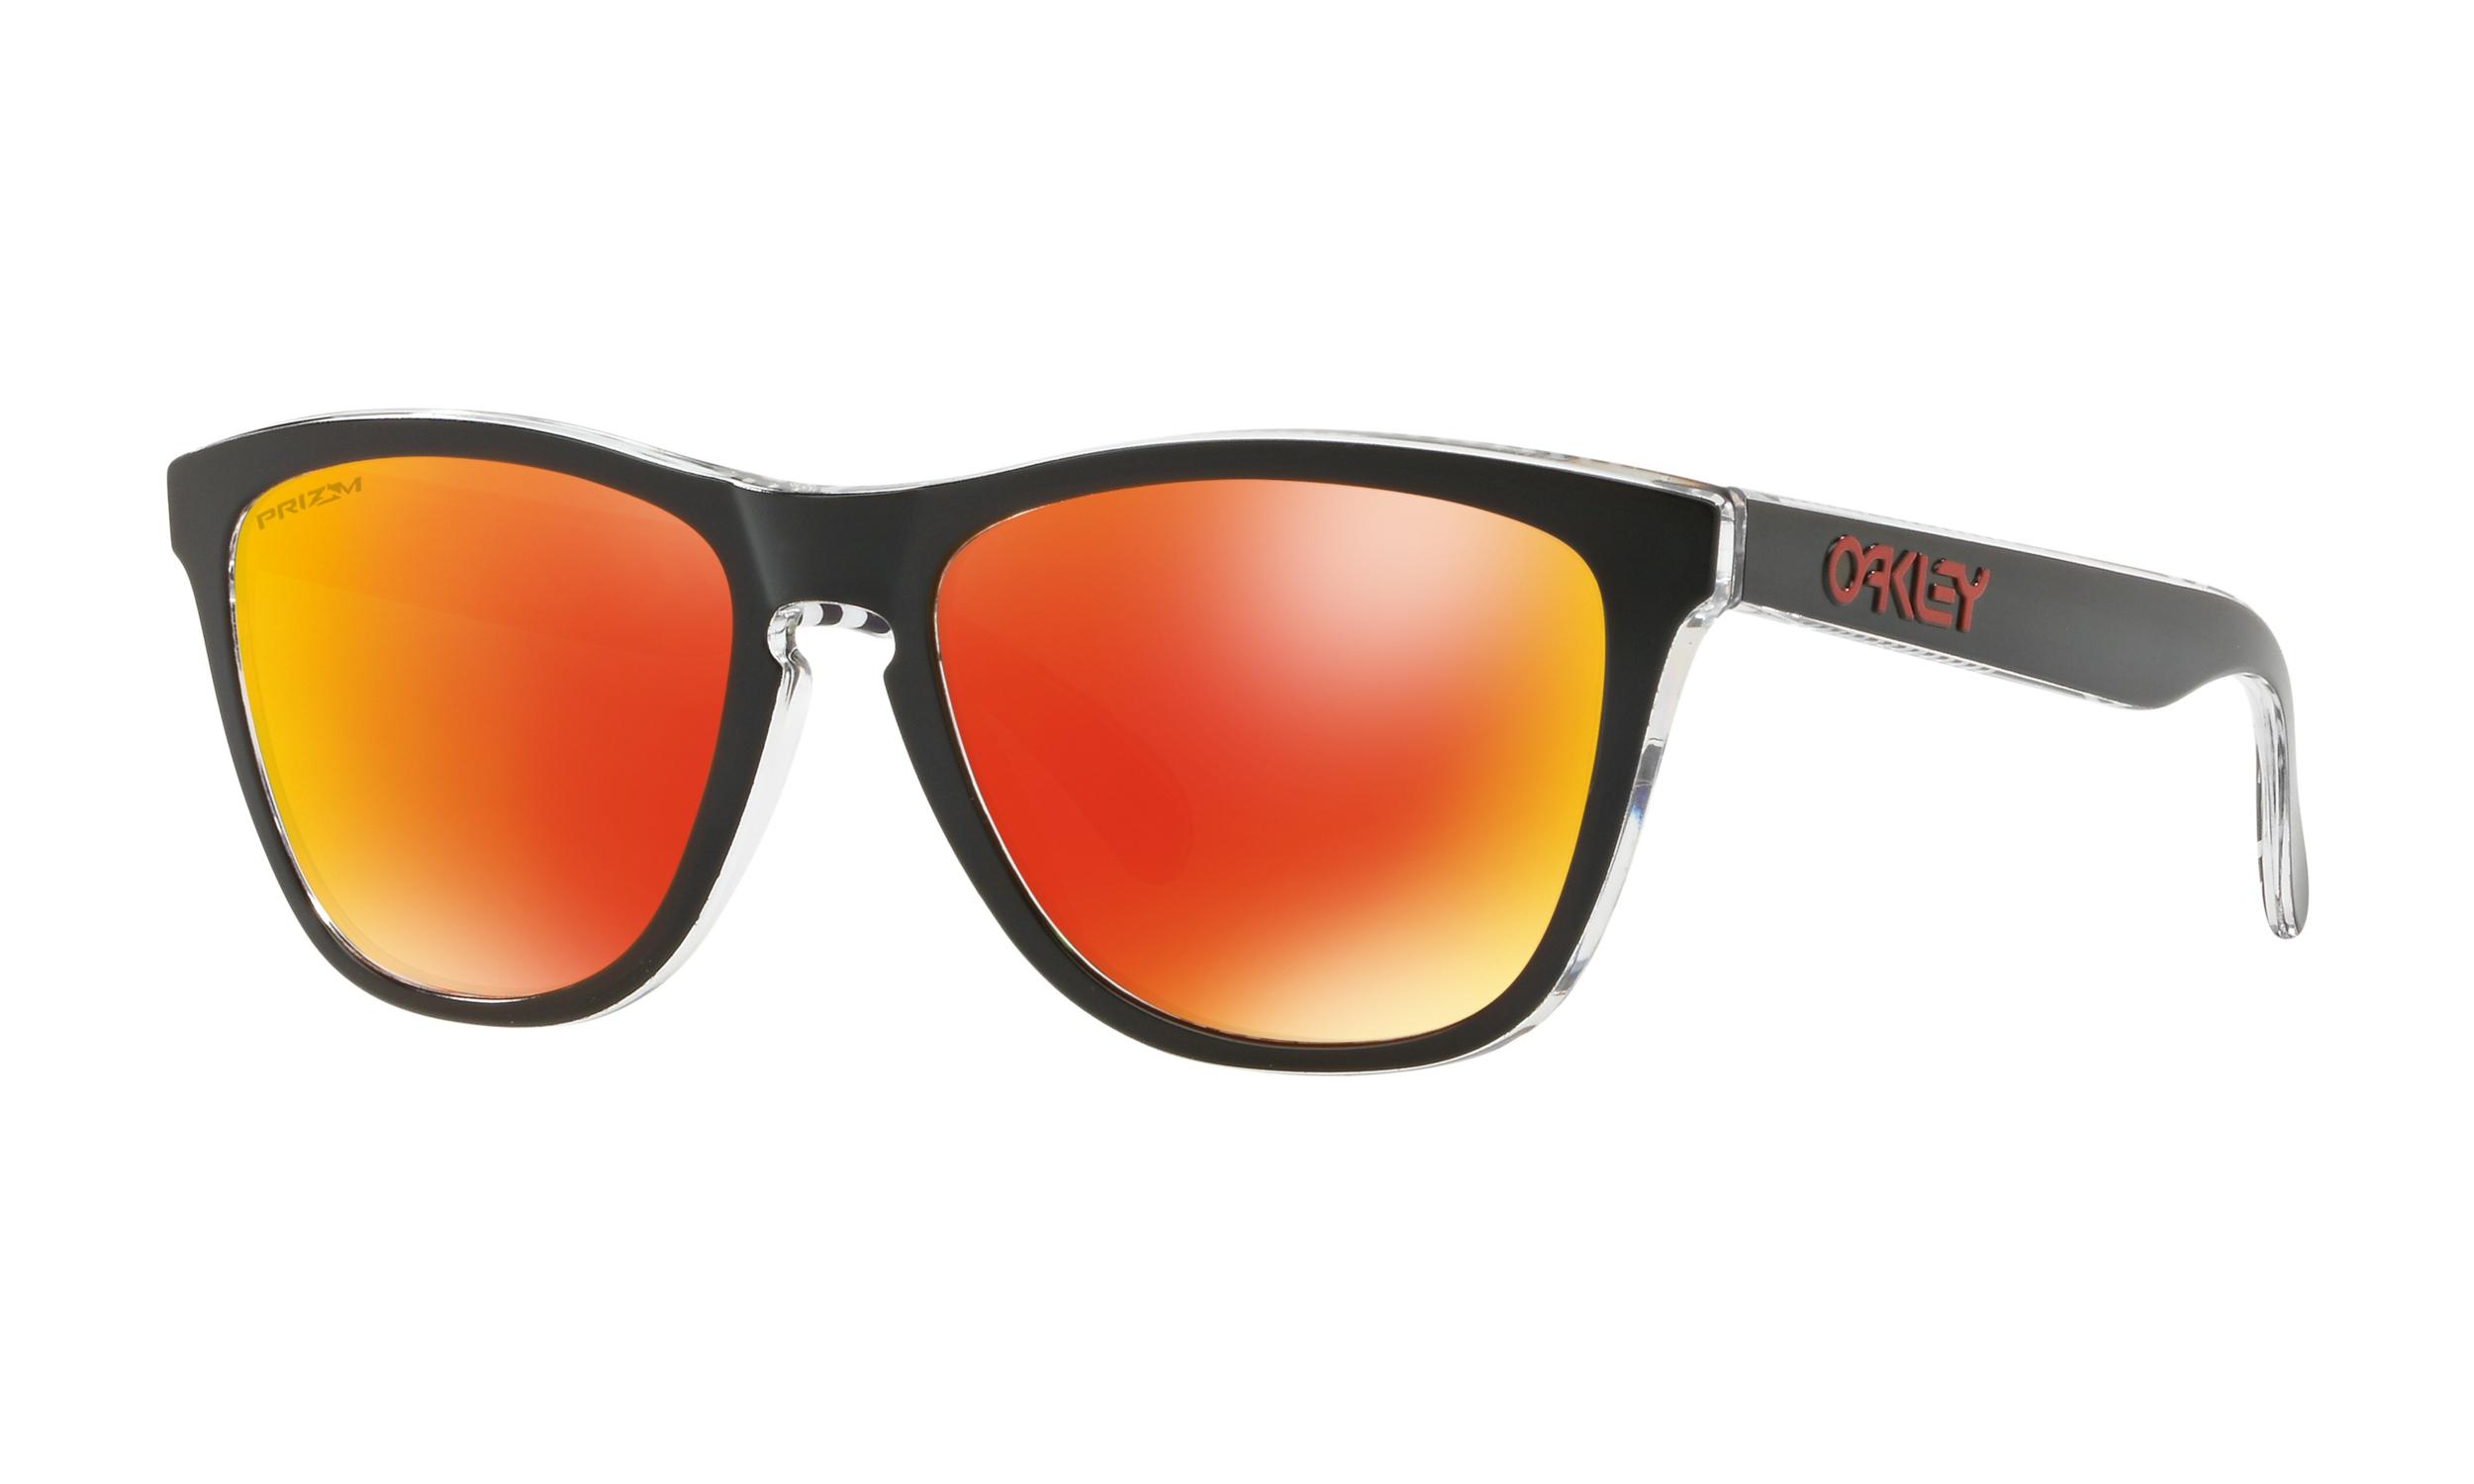 Lunettes Oakley - FROGSKINS OO9013-D5 - Cat.3 - Lunettes de soleil ... 89d1051a6a4b